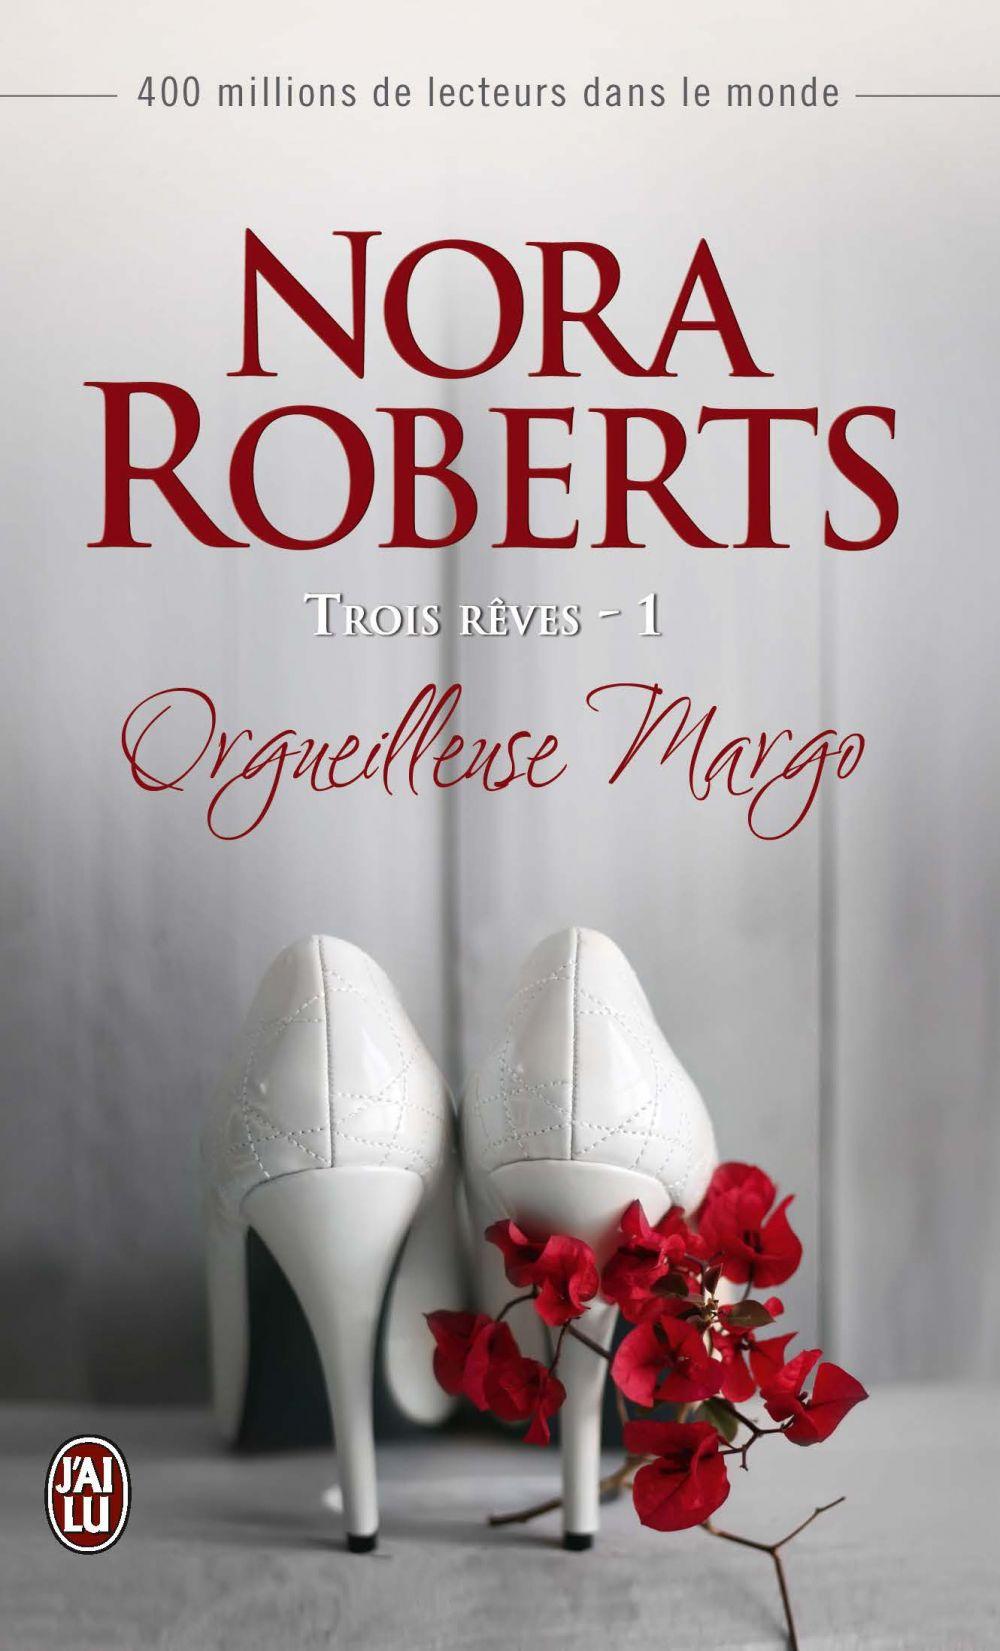 Trois rêves (Tome 1) - Orgueilleuse Margo | Roberts, Nora. Auteur